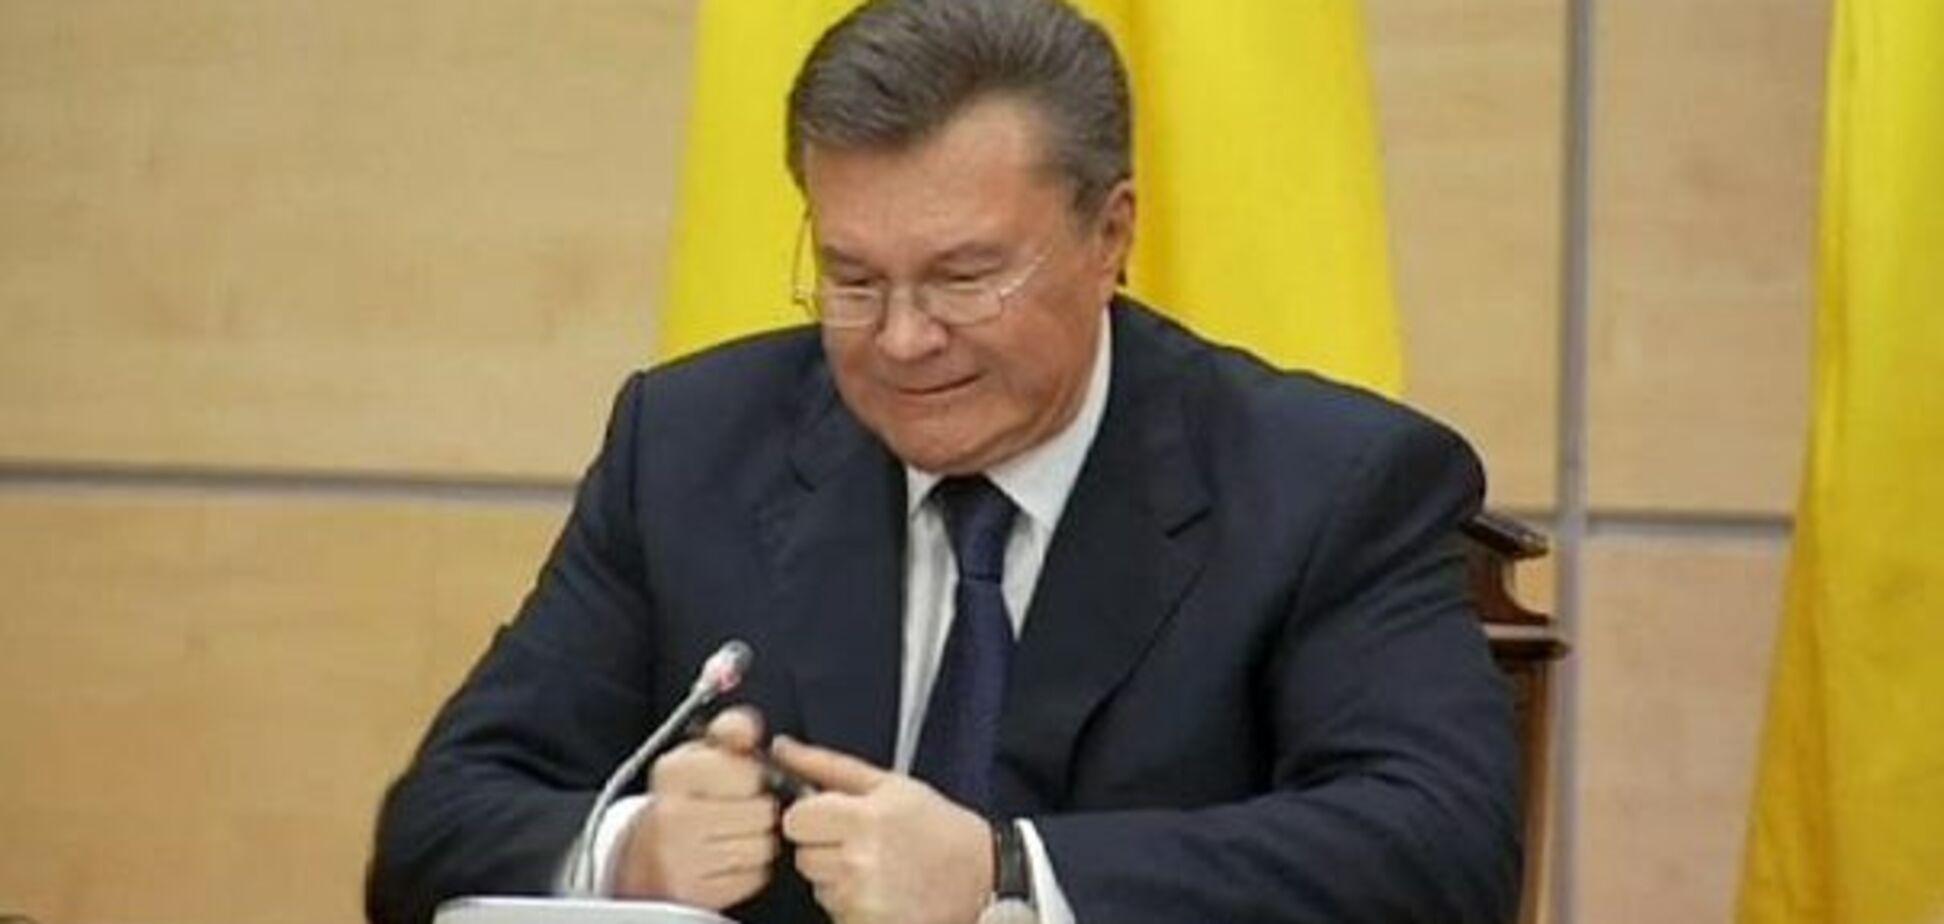 'Артист Тимошенко': Янукович осоромився на прес-конференції